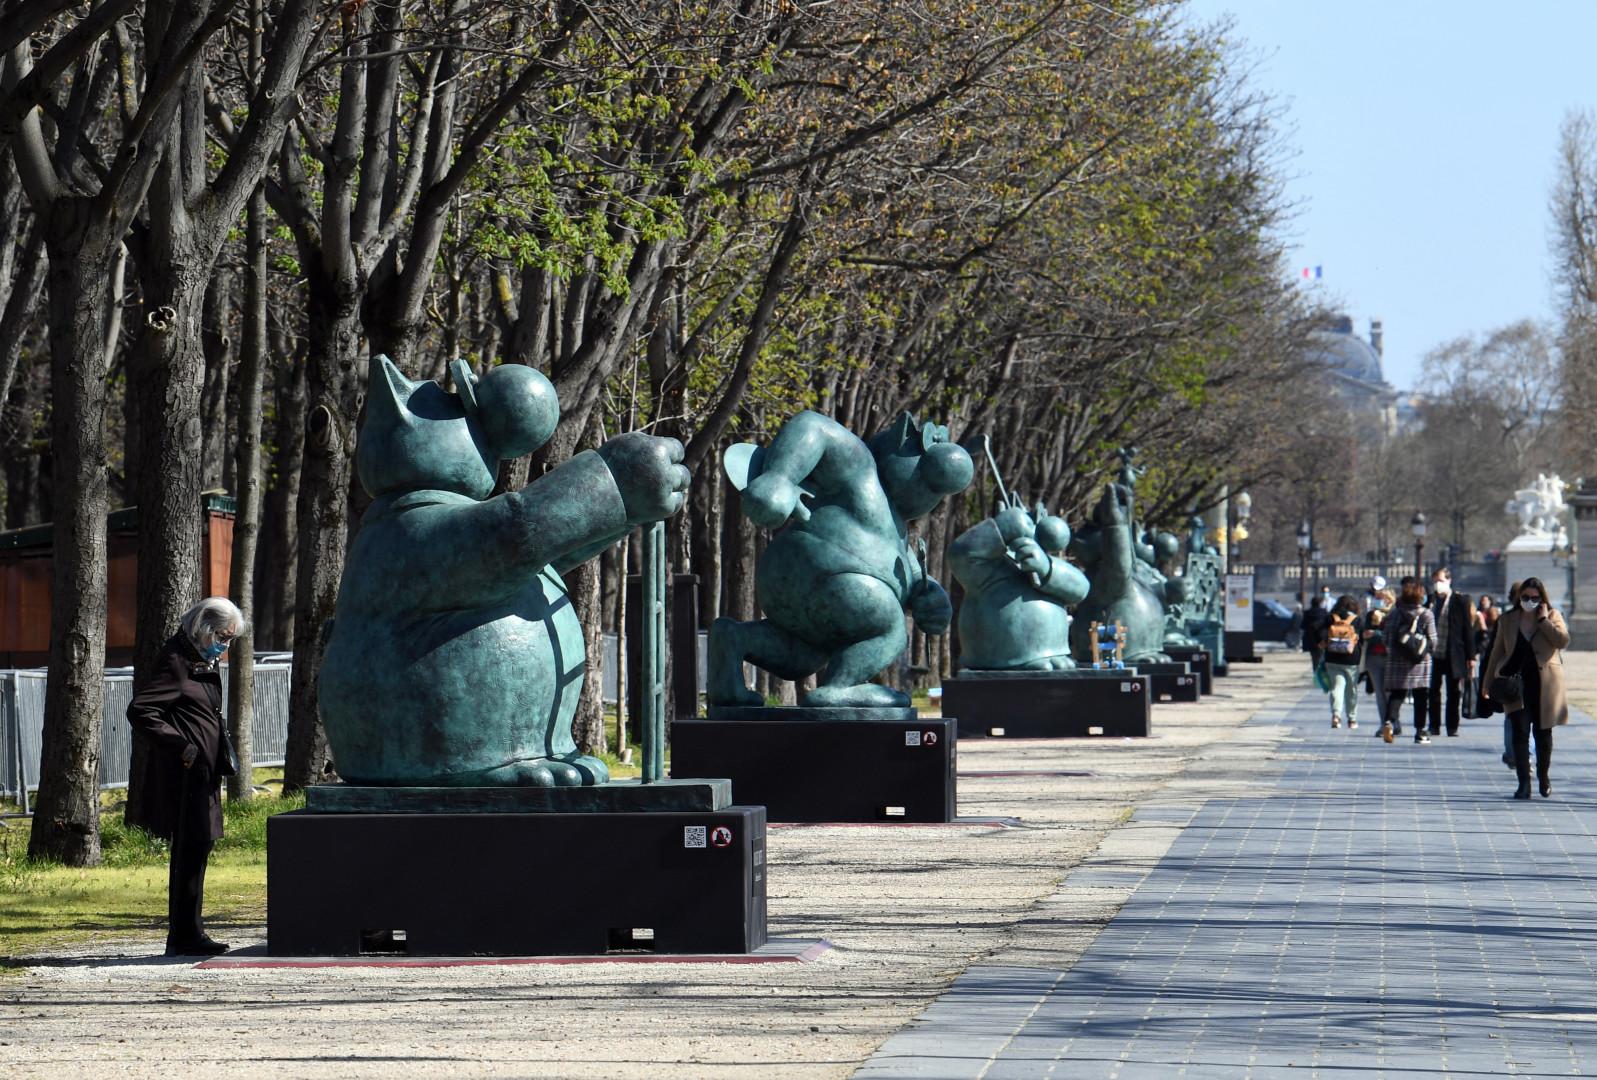 Vingt chats géants, en bronze et de deux mètres de haut ont investi la célèbre avenue